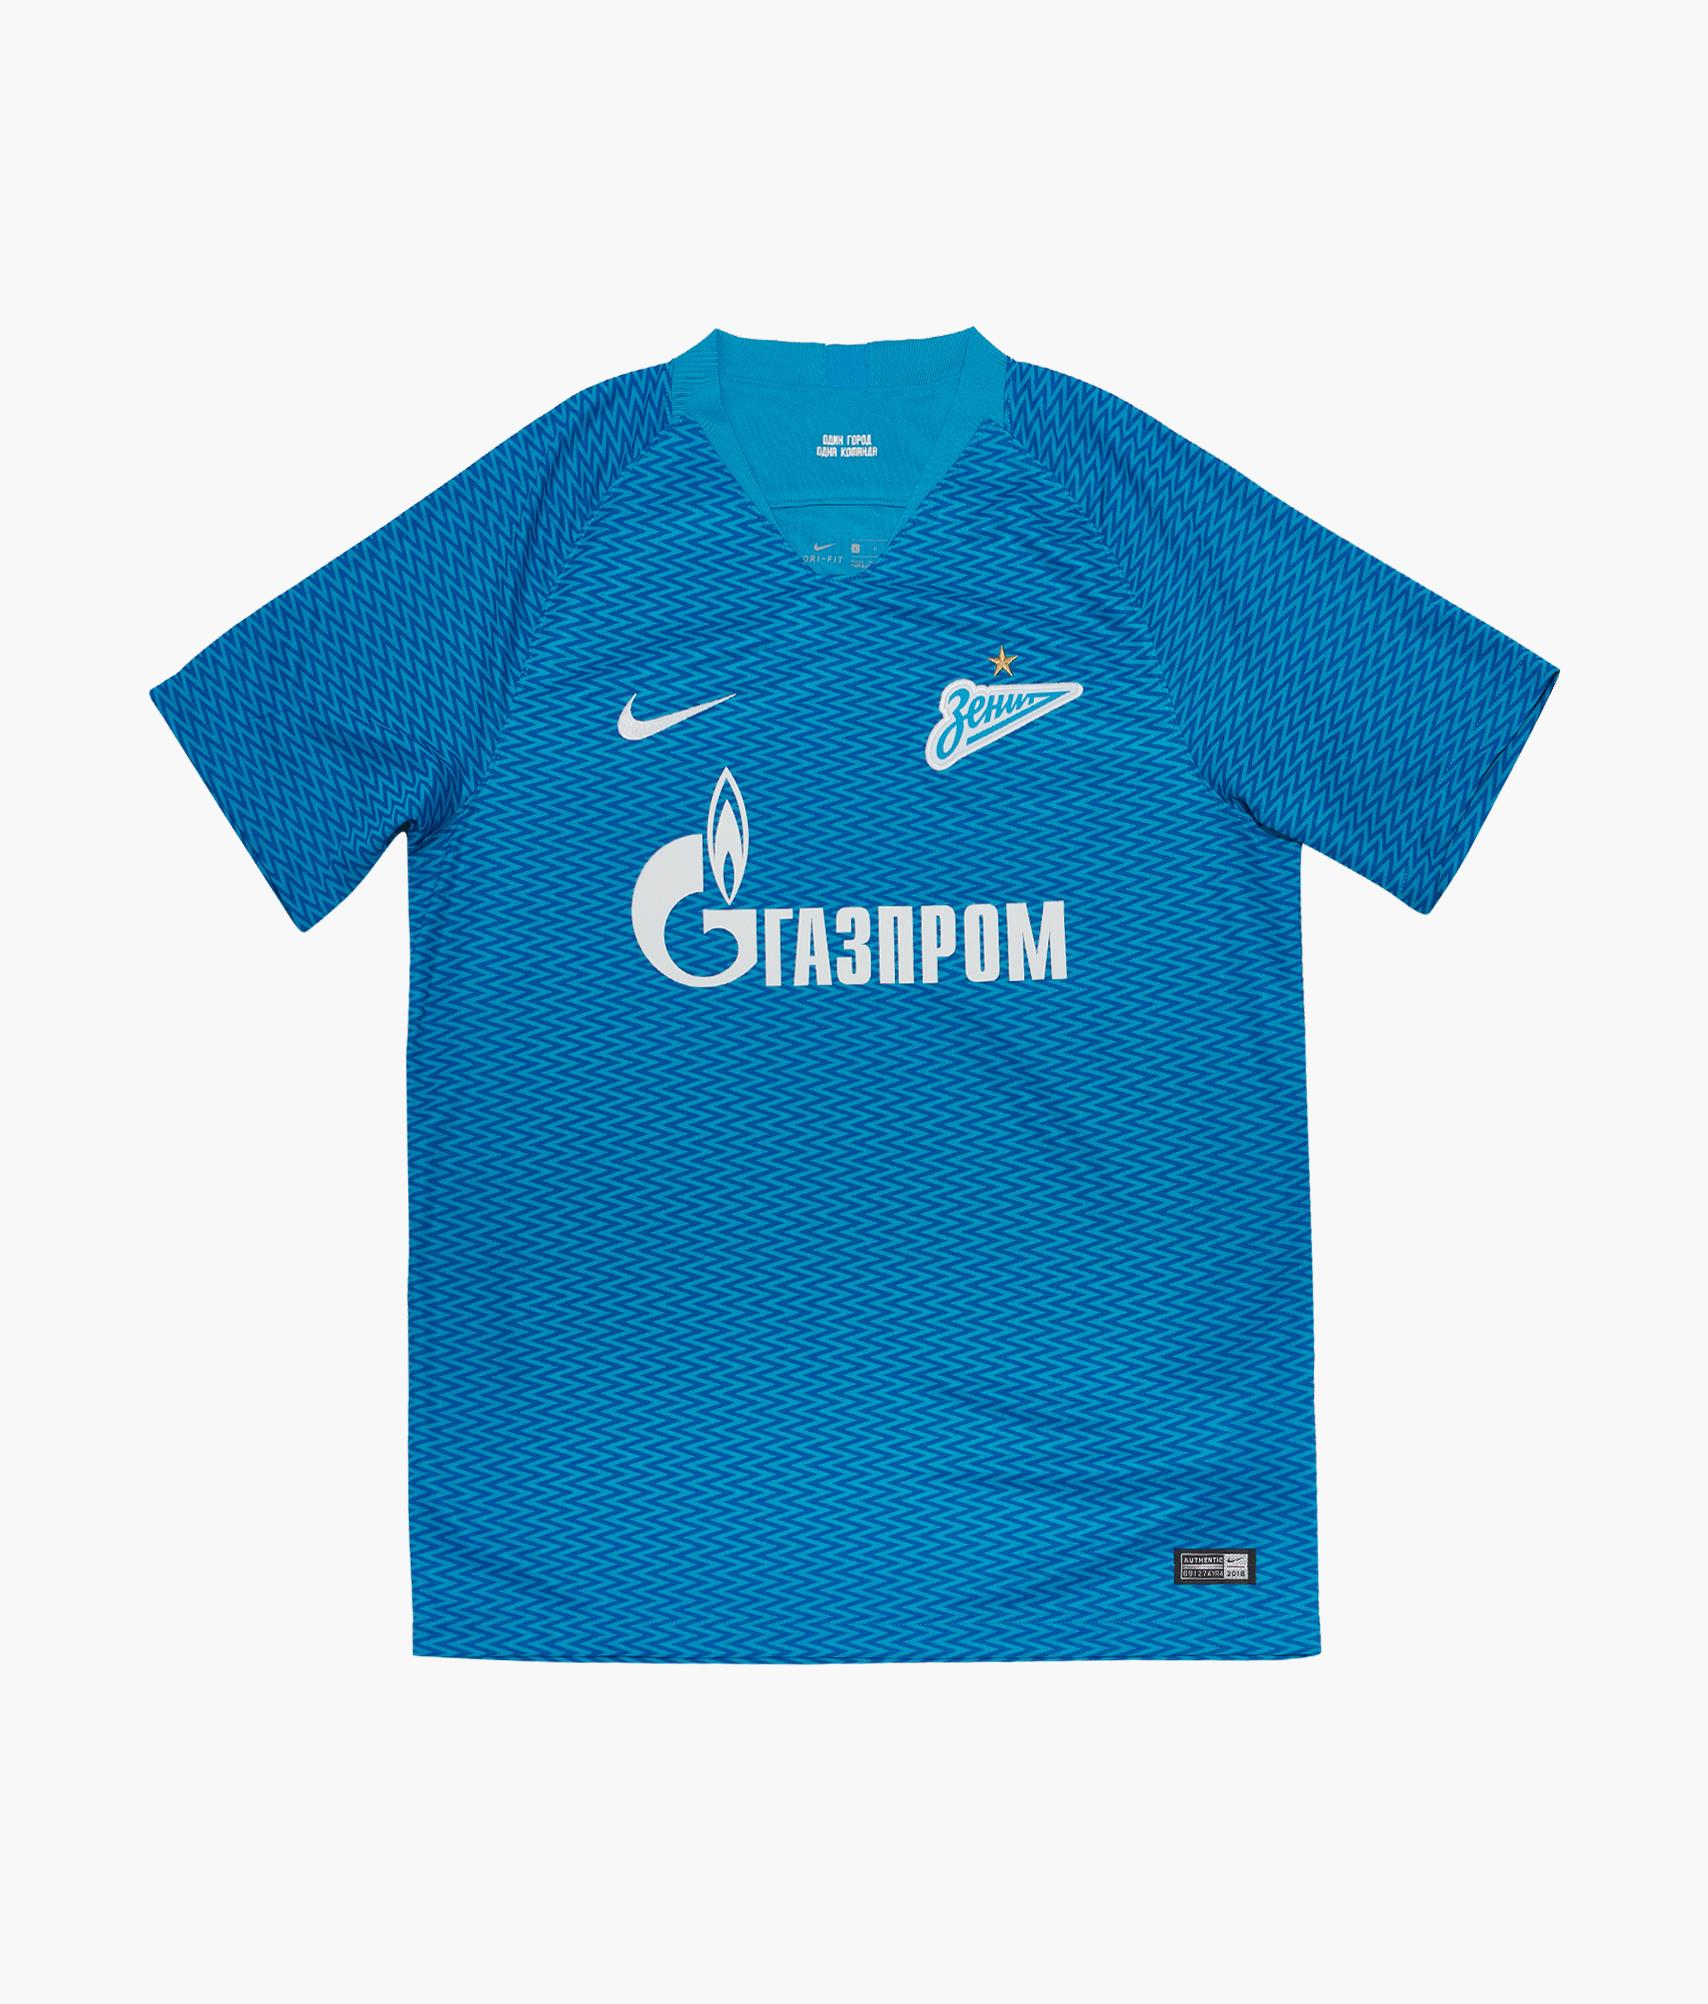 38e21fd97528 Домашняя игровая футболка Nike сезона 2018 2019 919692-449 купить за 4 999  руб в интернет магазине ФК Зенит